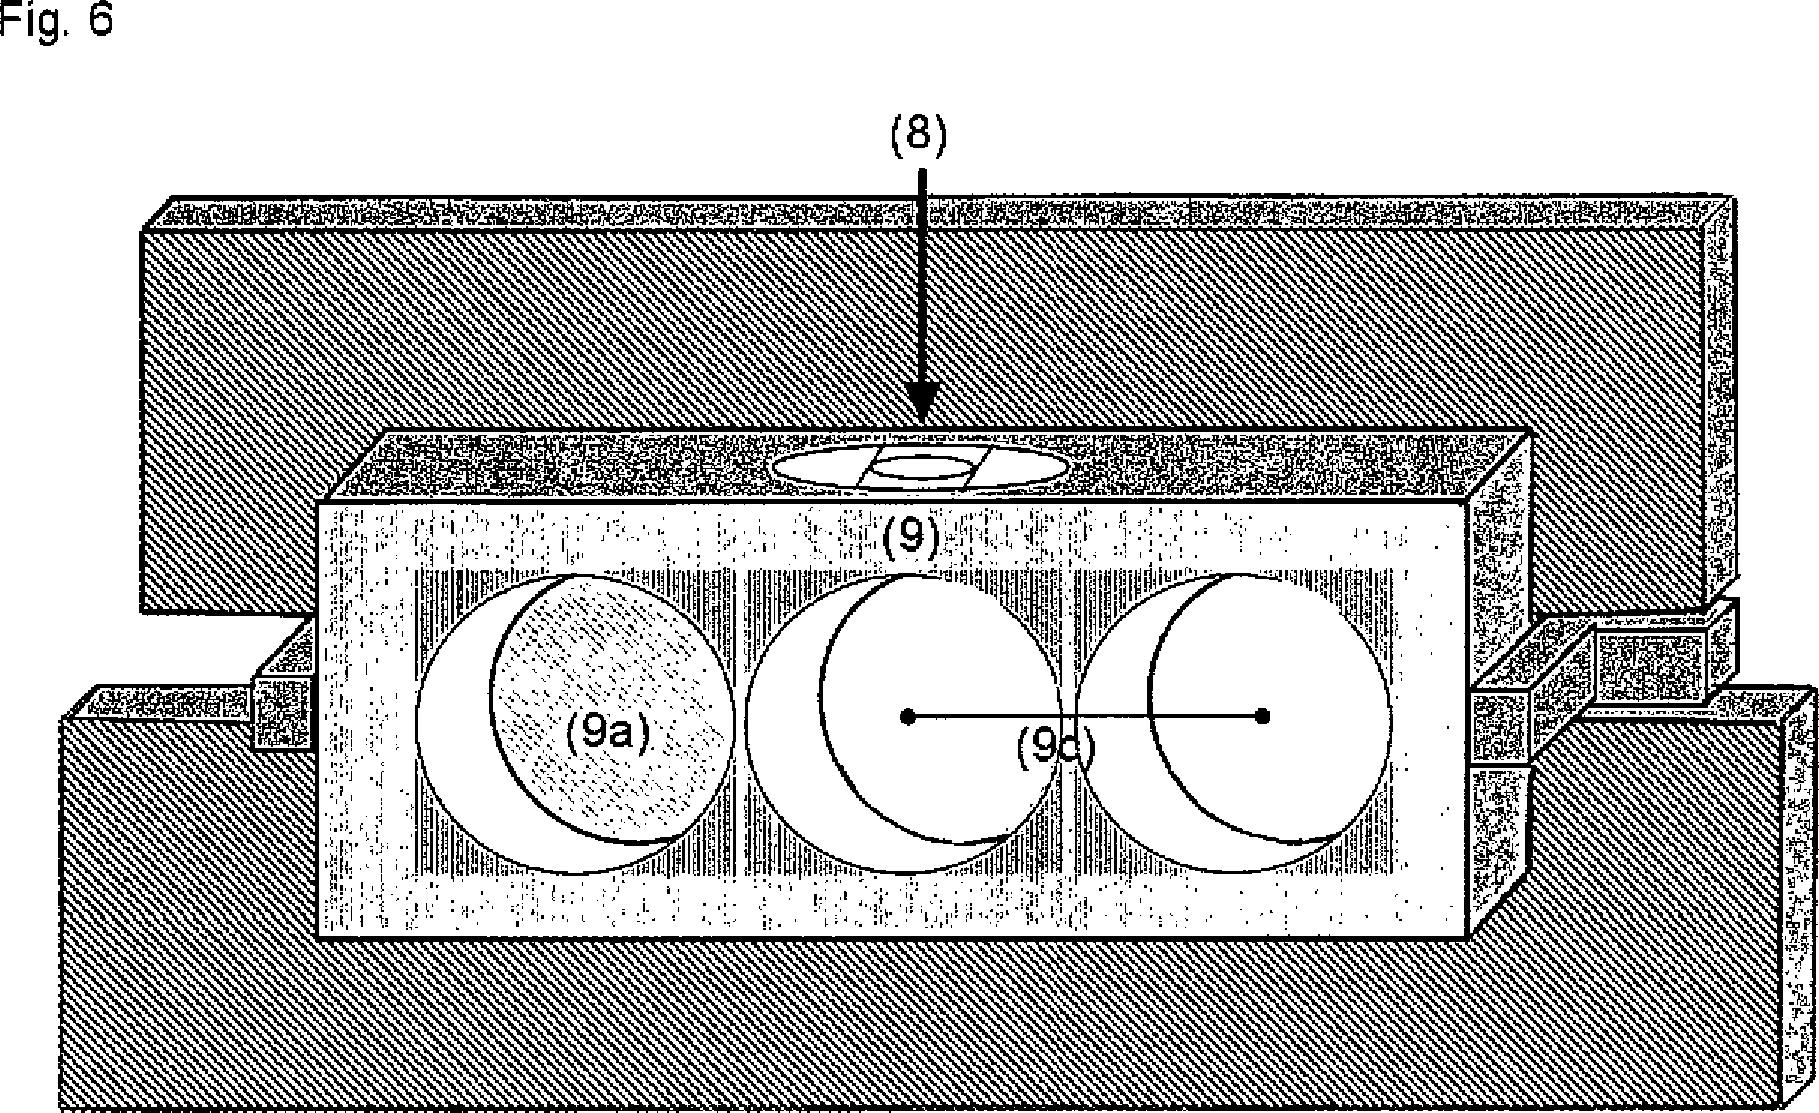 patent de202011107589u1 vorrichtung zum einbau von unterputzdosen google patents. Black Bedroom Furniture Sets. Home Design Ideas